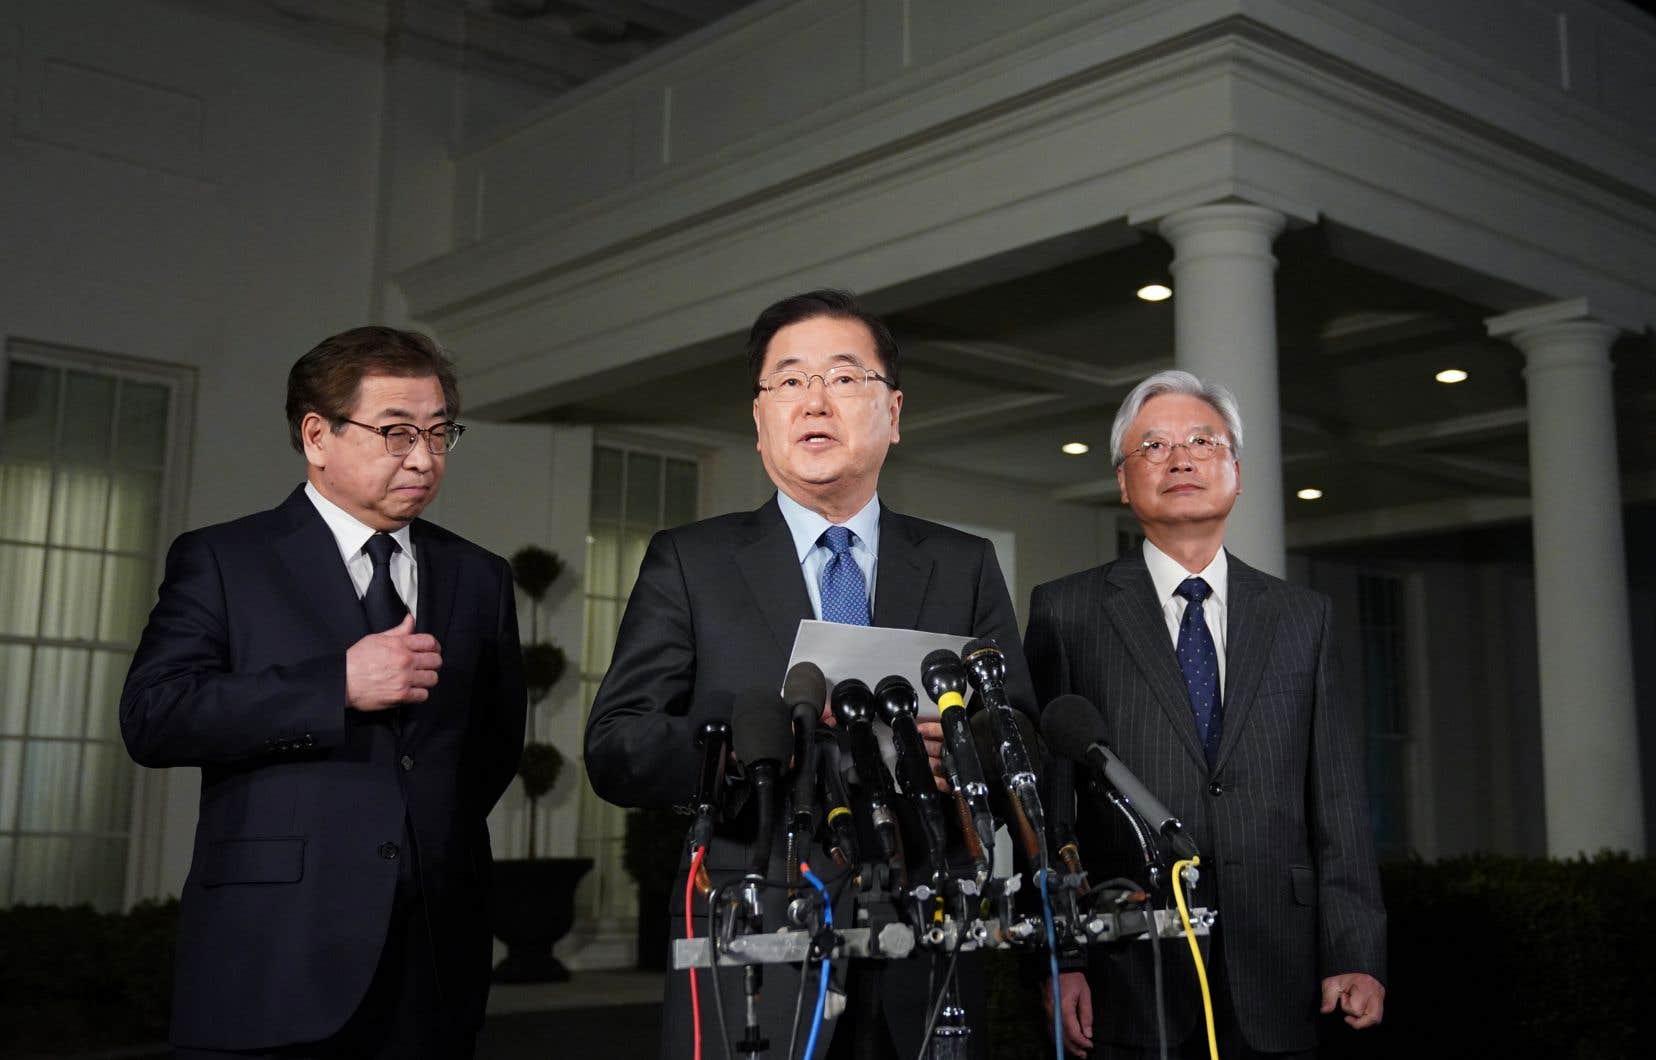 Le conseiller national sud-coréen à la Sécurité, Chung Eui-yong (au centre), ainsi que le chef du Service national de renseignement, Suh Hoon (à gauche), accompagnés de l'ambassadeur de Corée du Sud aux États-Unis, Cho Yoon-je (à droite)